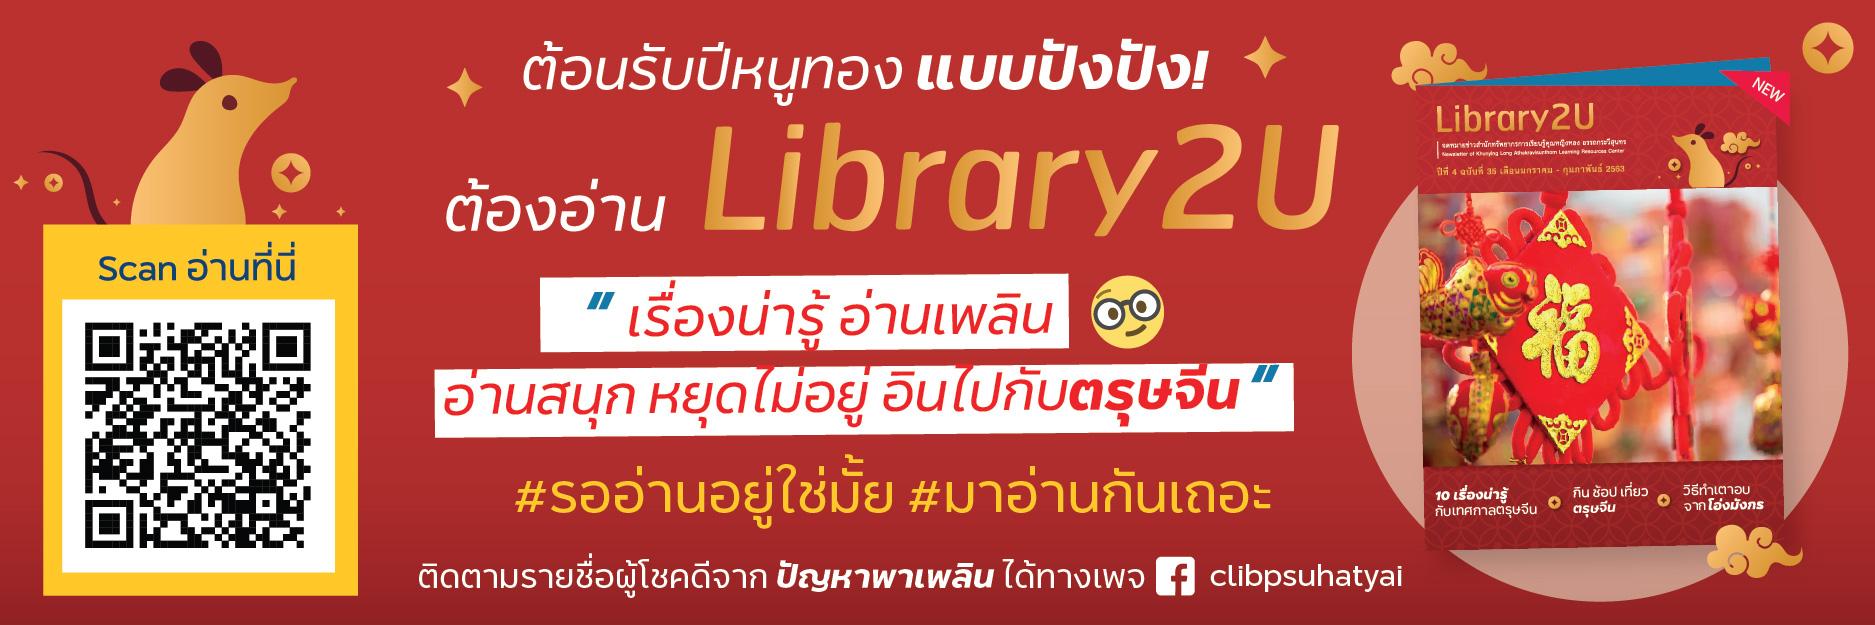 มาแล้วจ้า! Library2U